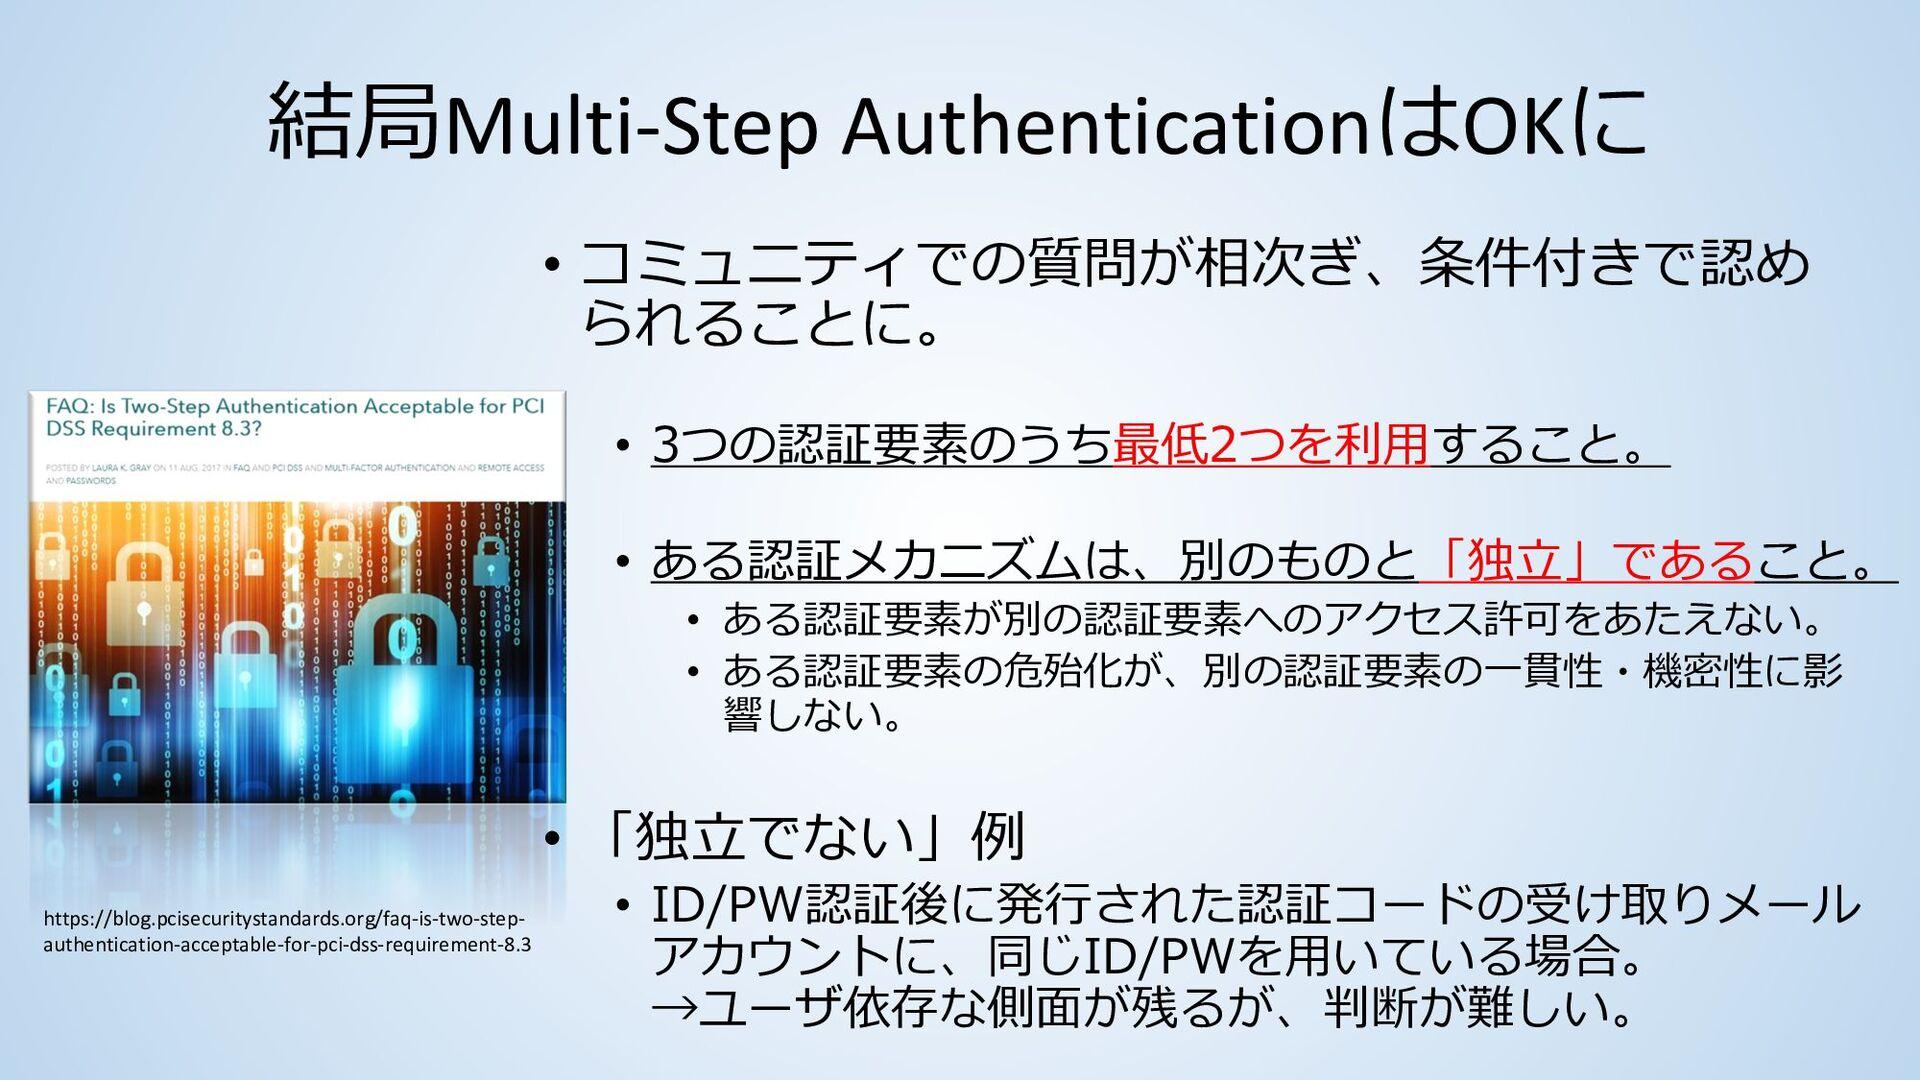 PCI DSSではパスワードの定期変更が残る • 「パスワード定期変更」については最新v3.2...